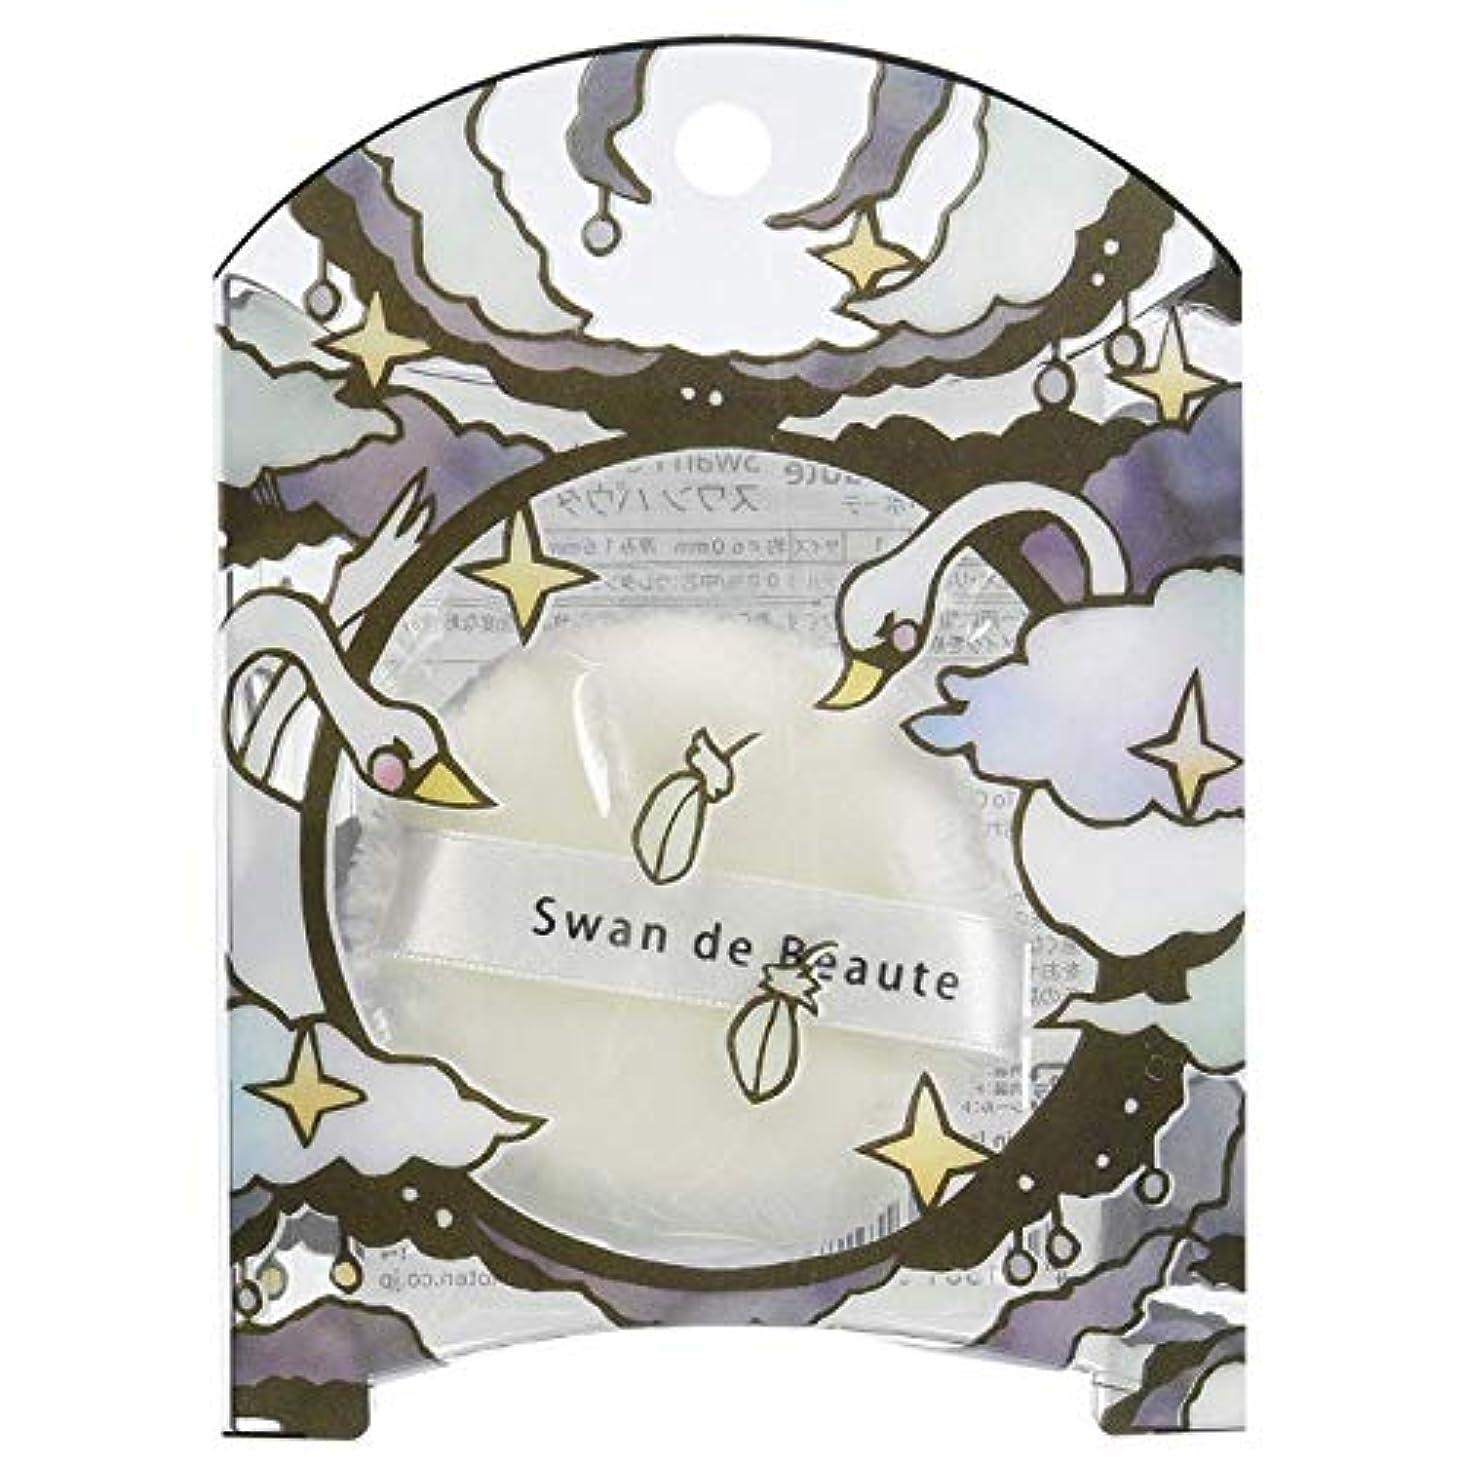 謝罪肉屋迫害するswan de beaute(スワン?ド?ボーテ) スワン パウダーパフ SWAN-02 (1個)